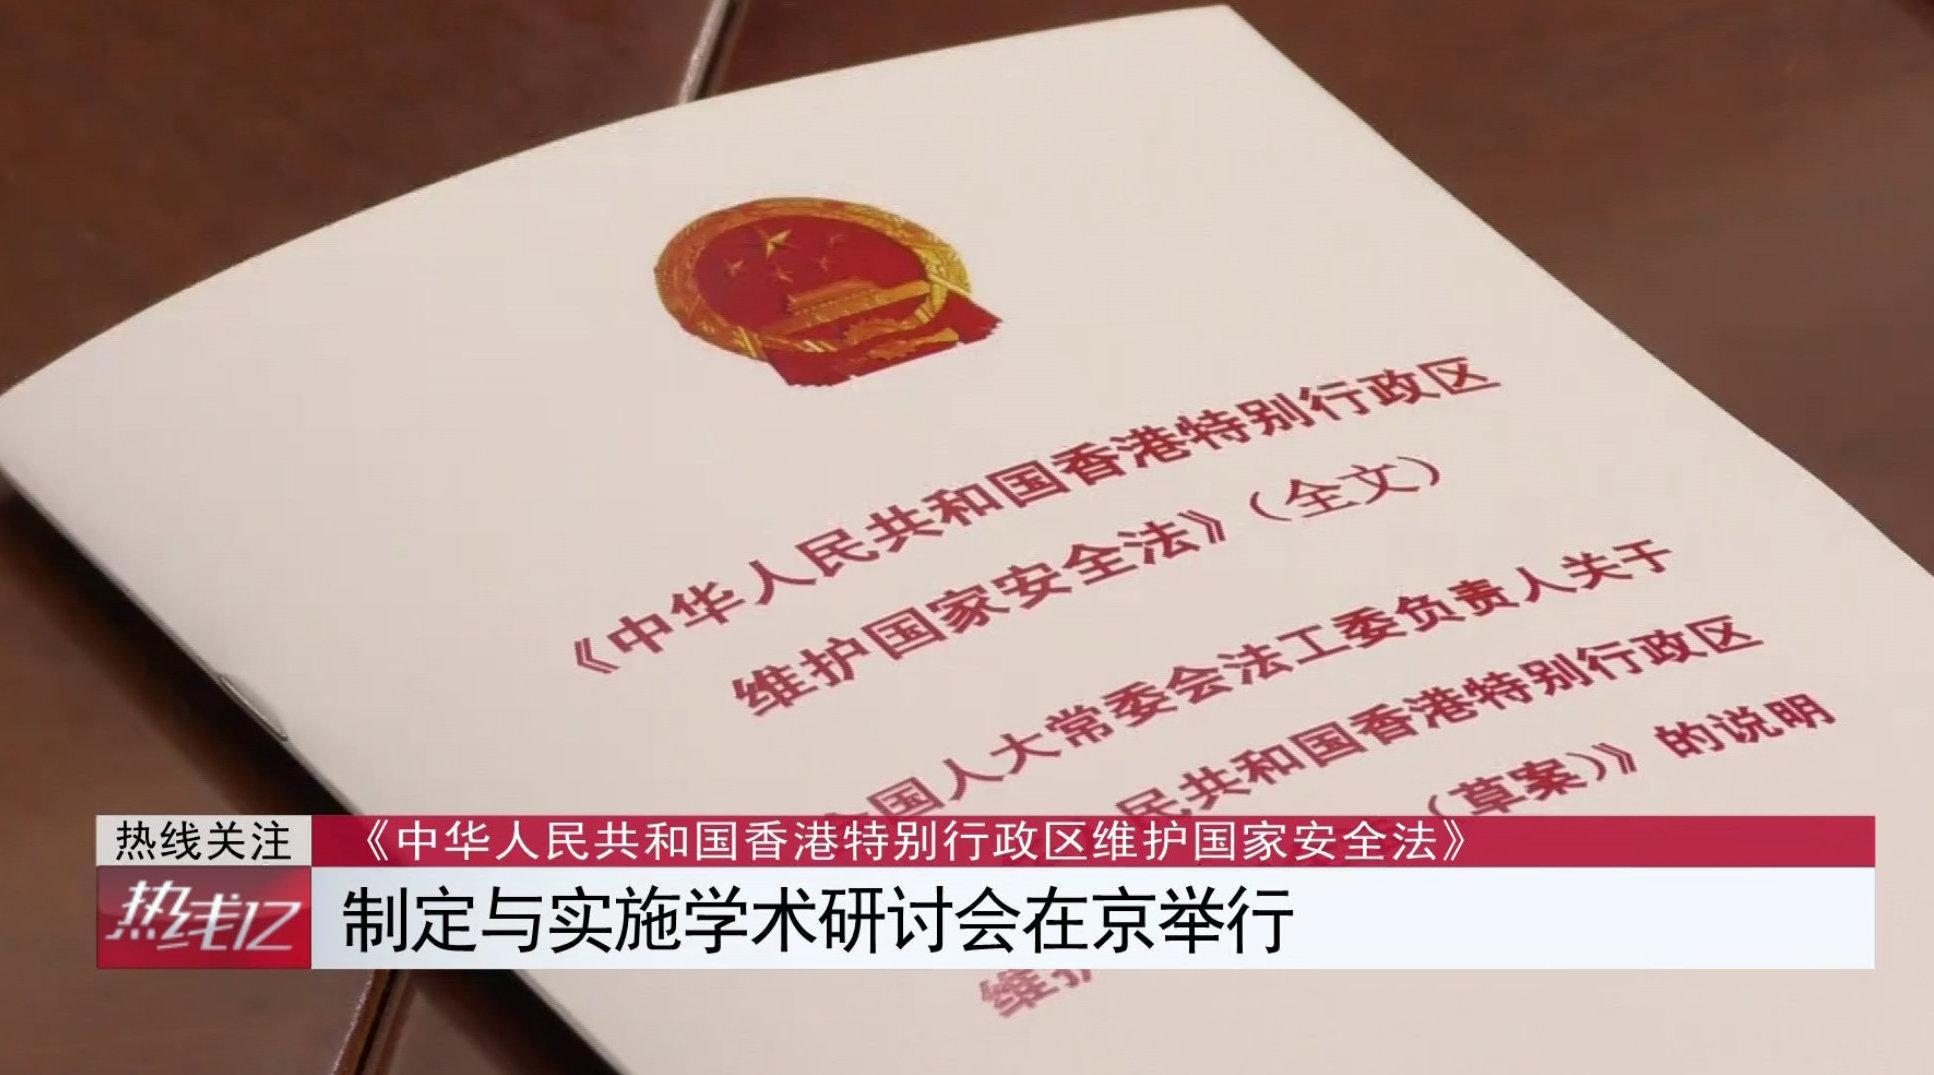 《中华人民共和国香港特别行政区维护国家安全法》制定与实施学术